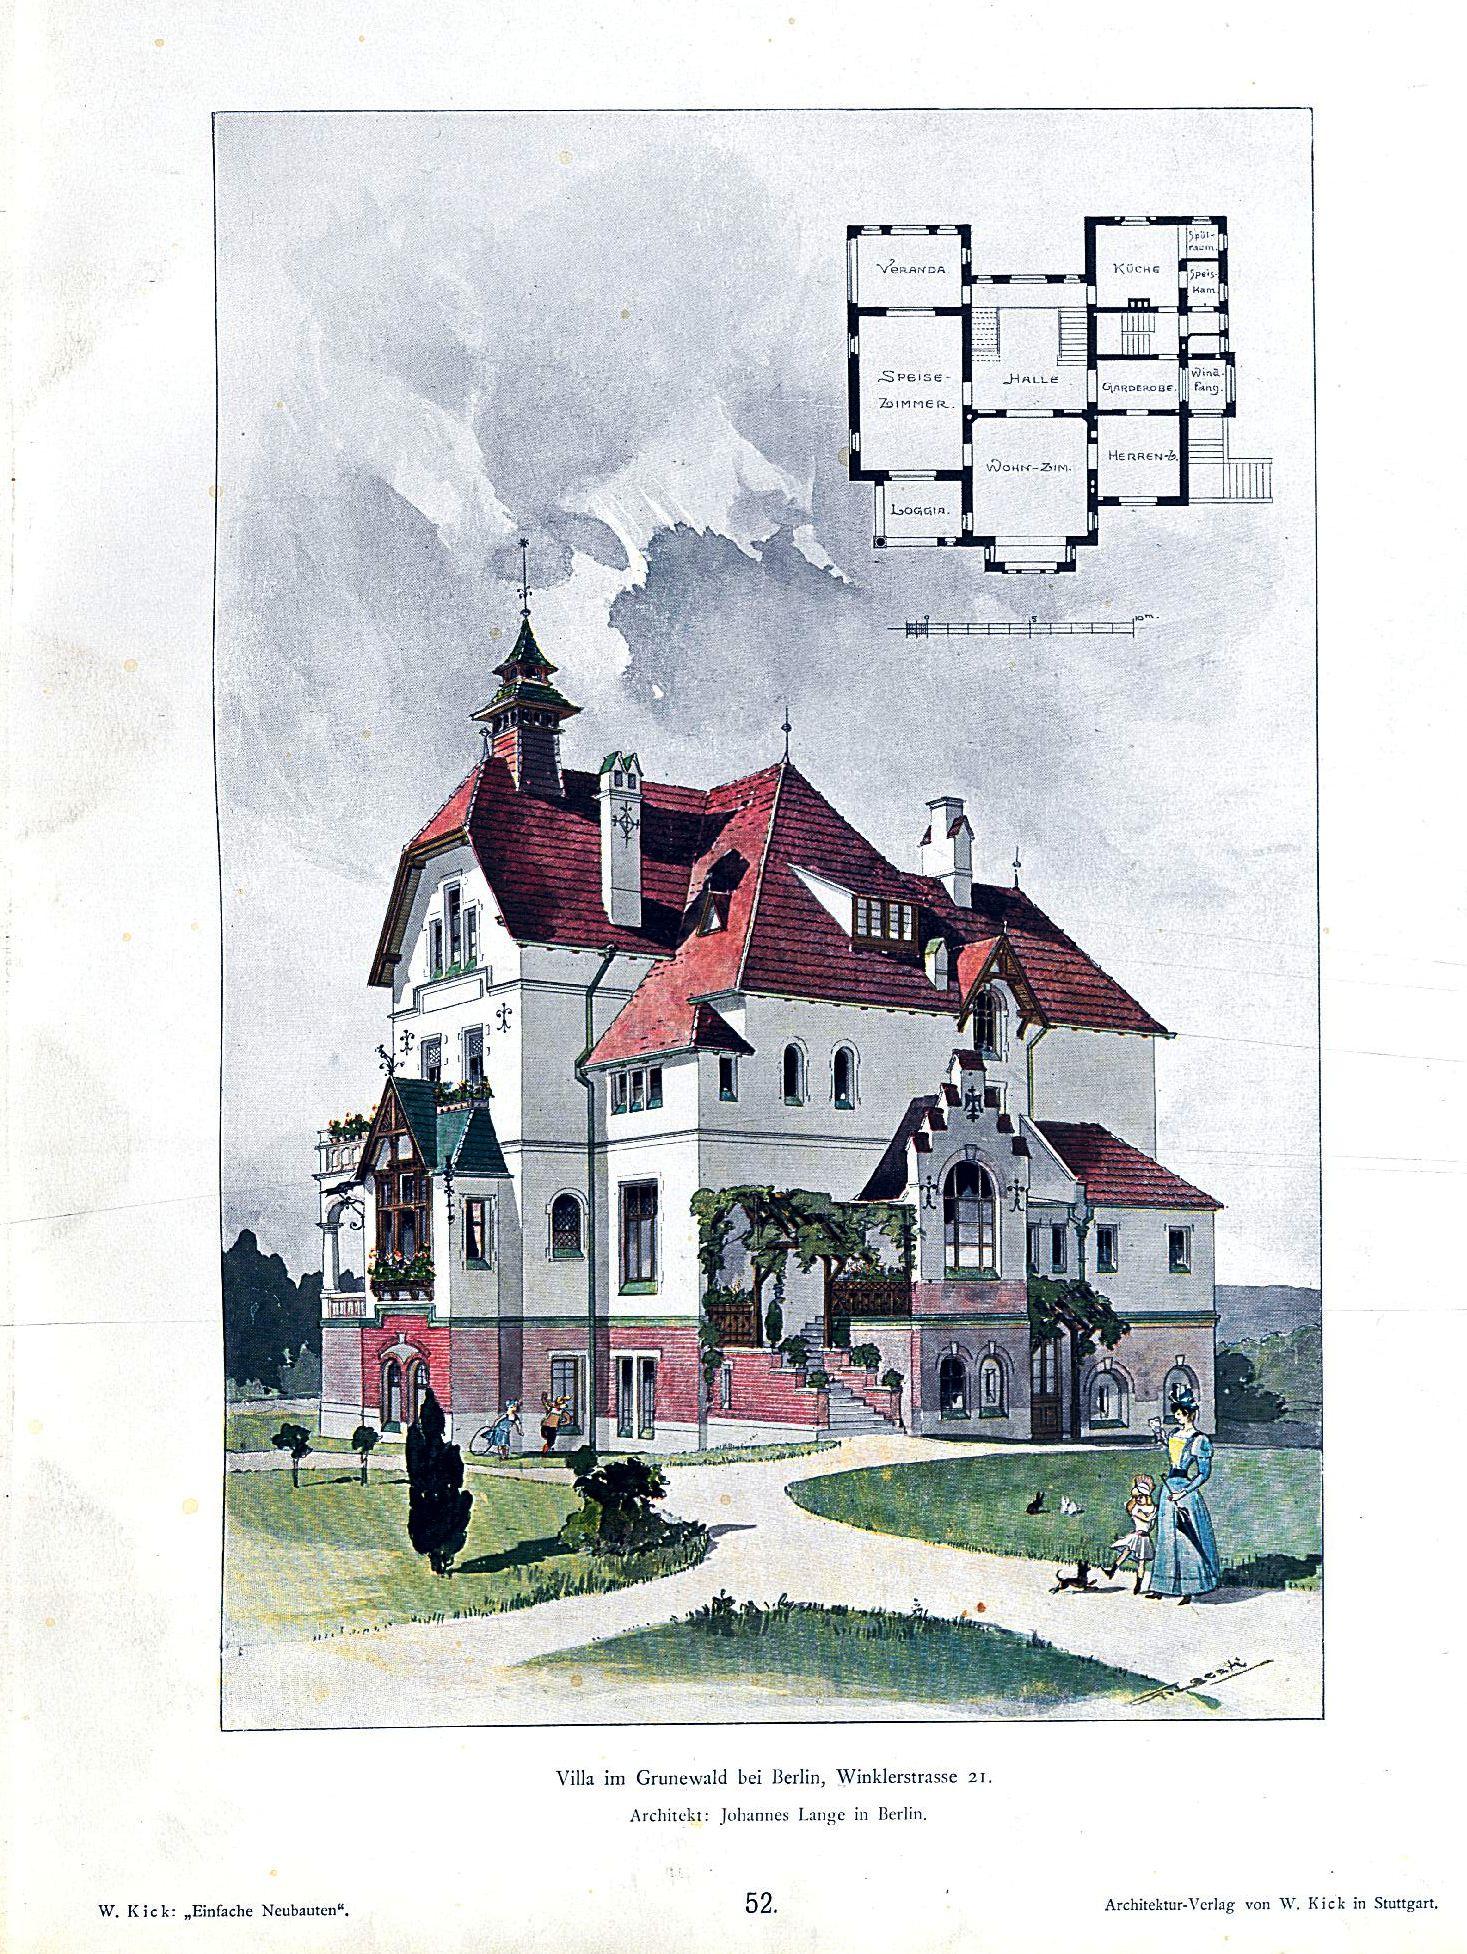 Architekt In Berlin file wilhelm kick einfache neubauten stuttgart 1890 villa im